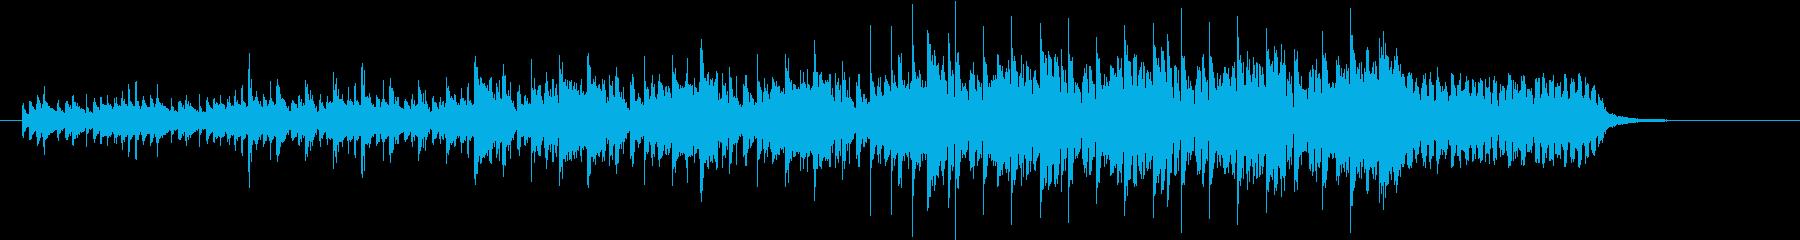 クールなテクノポップスのジングルの再生済みの波形